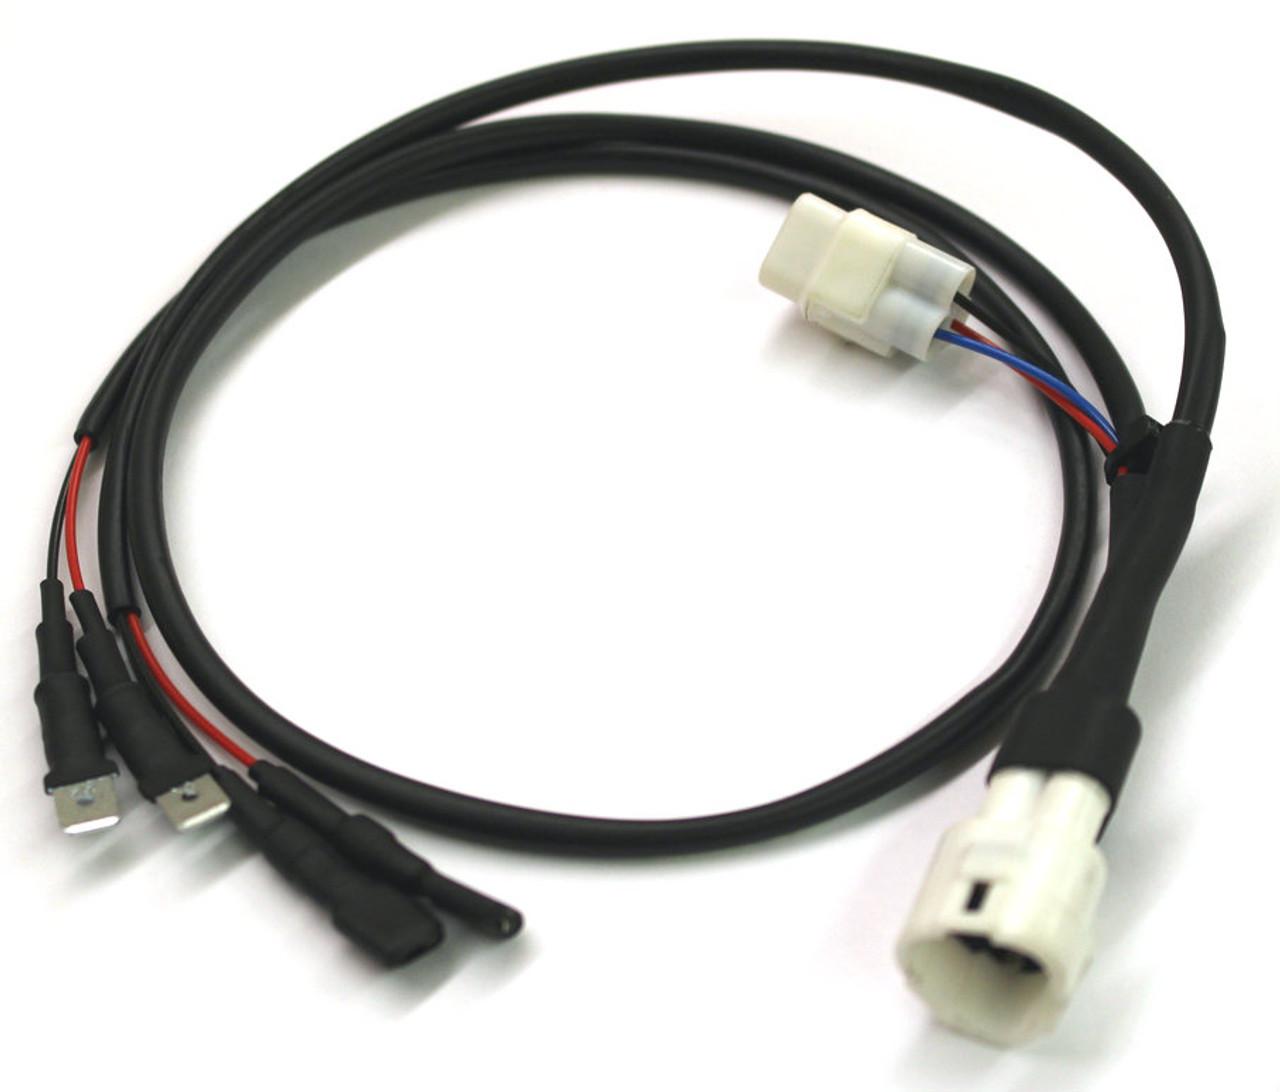 RSR ECU Air Shifter Race Spec Wiring Harness Suzuki GSX1300R ... Wiring Harness Ecu on abs wiring harness, airbag wiring harness, ecm wiring harness, steering column wiring harness, injectors wiring harness,